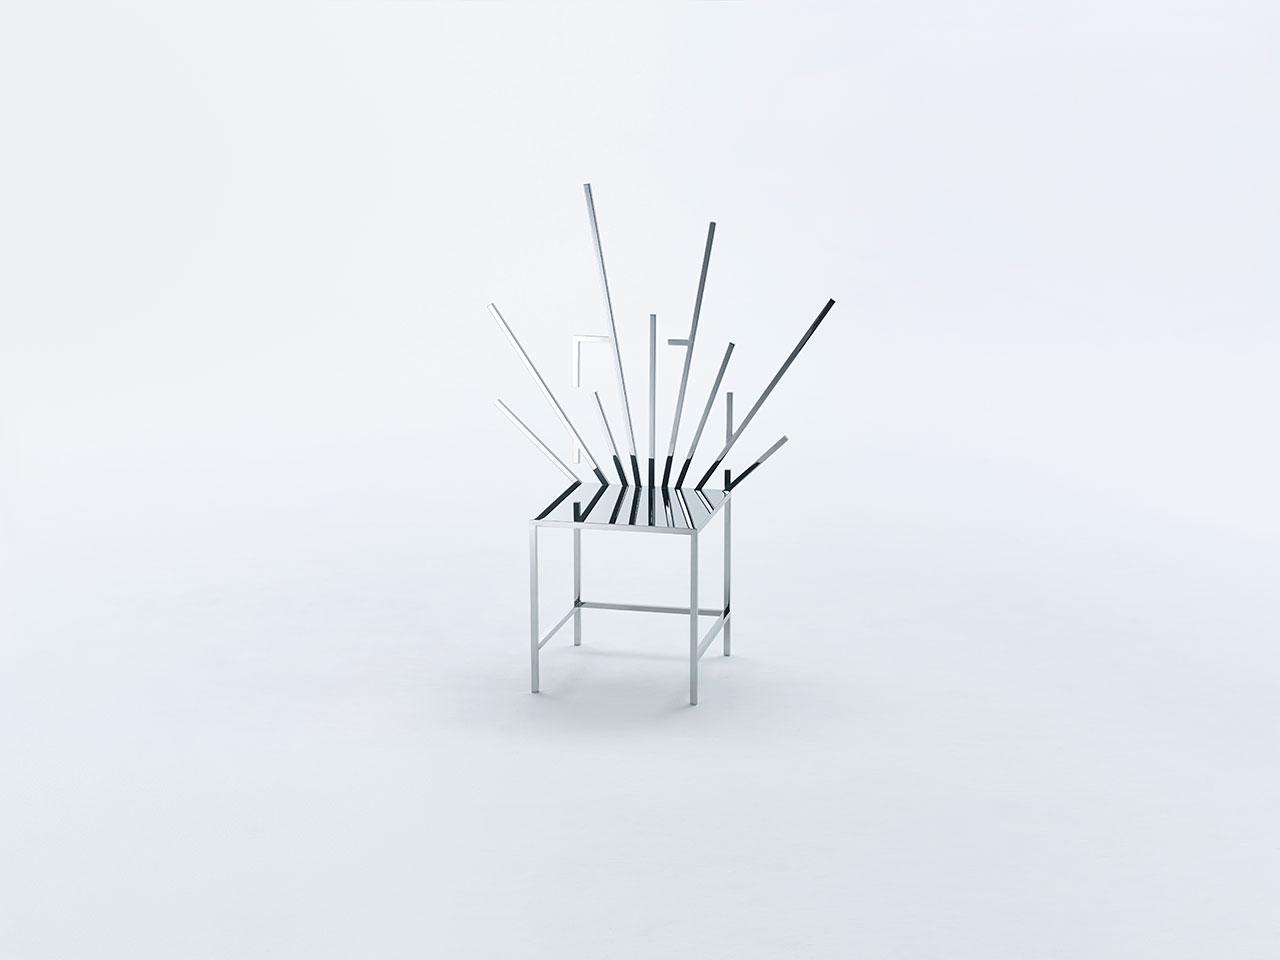 f17_50_manga_chairs_nendo_for_friedman_benda_photo_kenichi_sonehara_yatzer